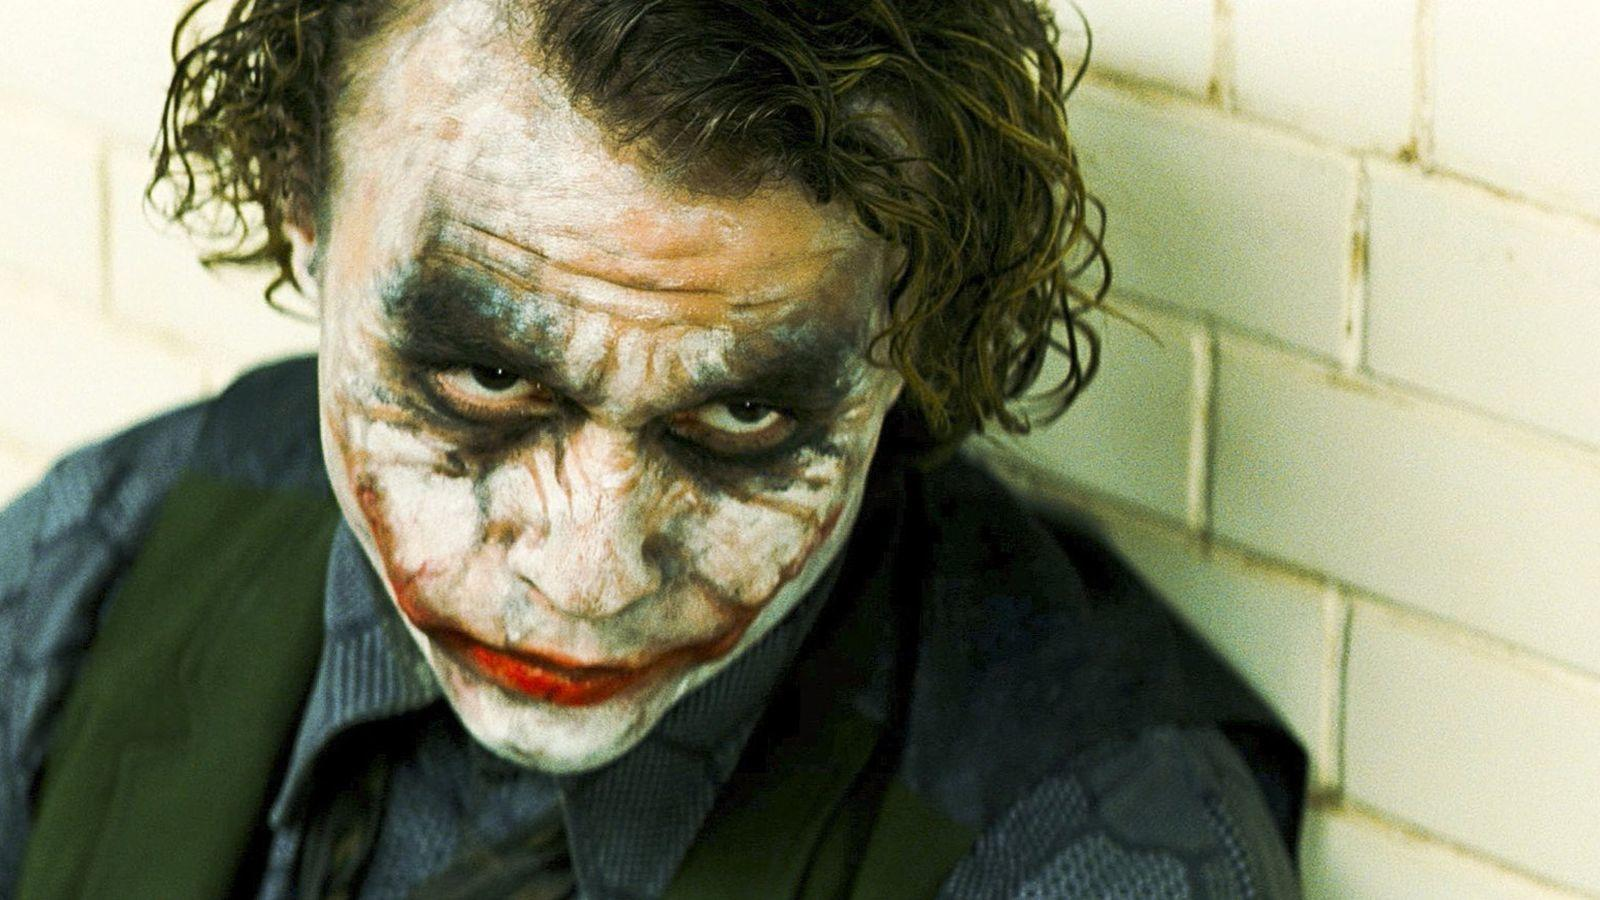 A forgatáson Ledger öltözője és sminkes lakókocsija egy kisebb dombon állt, ahonnan Ledger mindig egy gördeszkával gurult le a helyszínre. Caglione emlékei szerint a deszka végig vele volt, és szünetekben keresztül-kasul gurult a szetten és mindenkivel poénkodott, teljes kosztümben és sminkben, mint egy igazi Joker. (Warner Bros.)